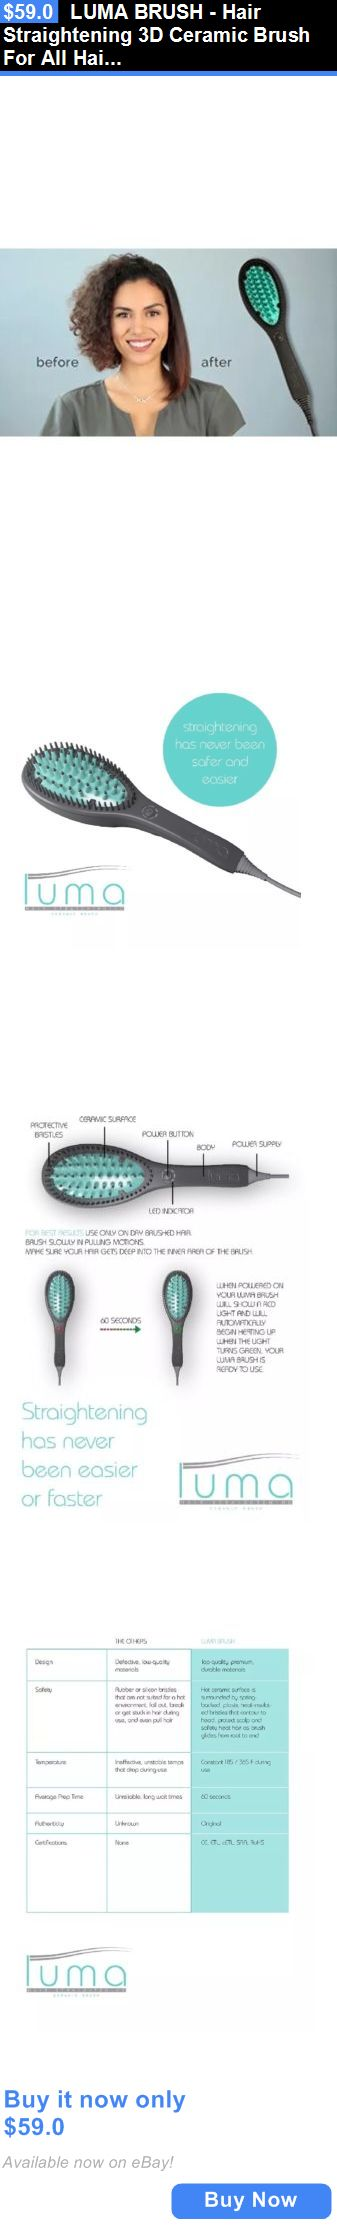 Hair Beauty: Luma Brush - Hair Straightening 3D Ceramic Brush For All Hair Type BUY IT NOW ONLY: $59.0